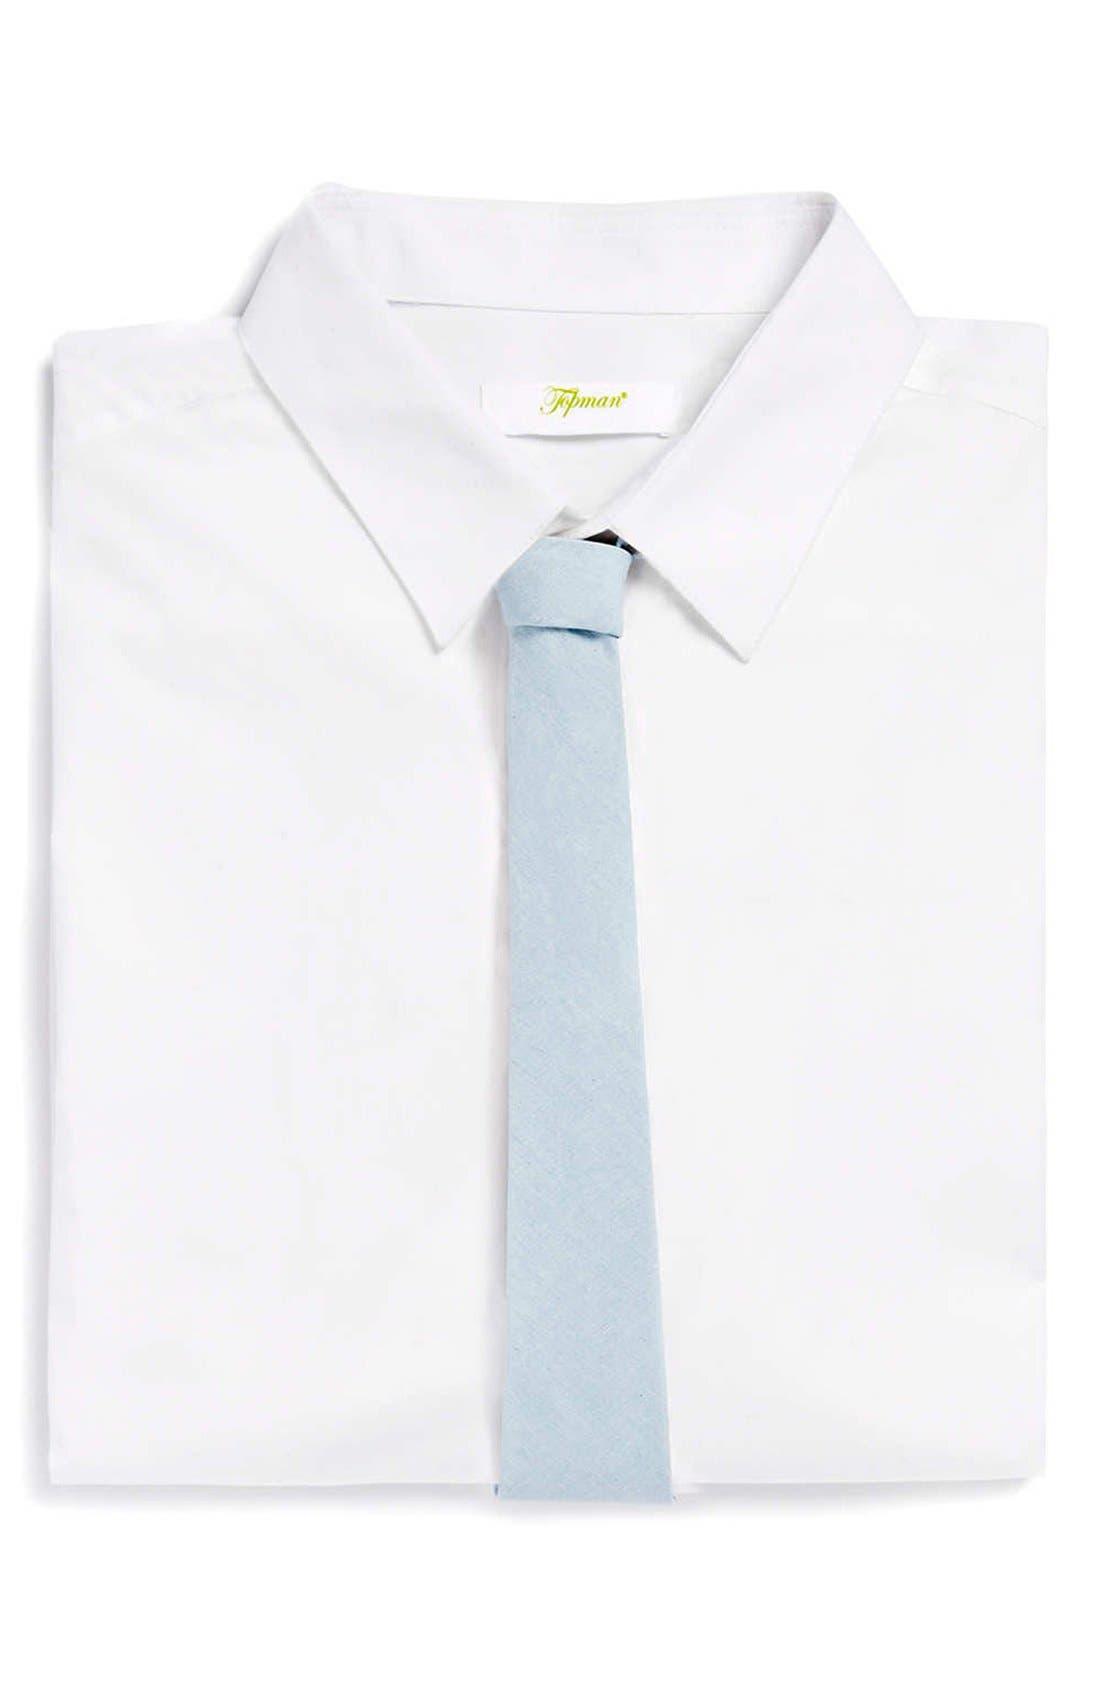 Main Image - Topman Woven Tie